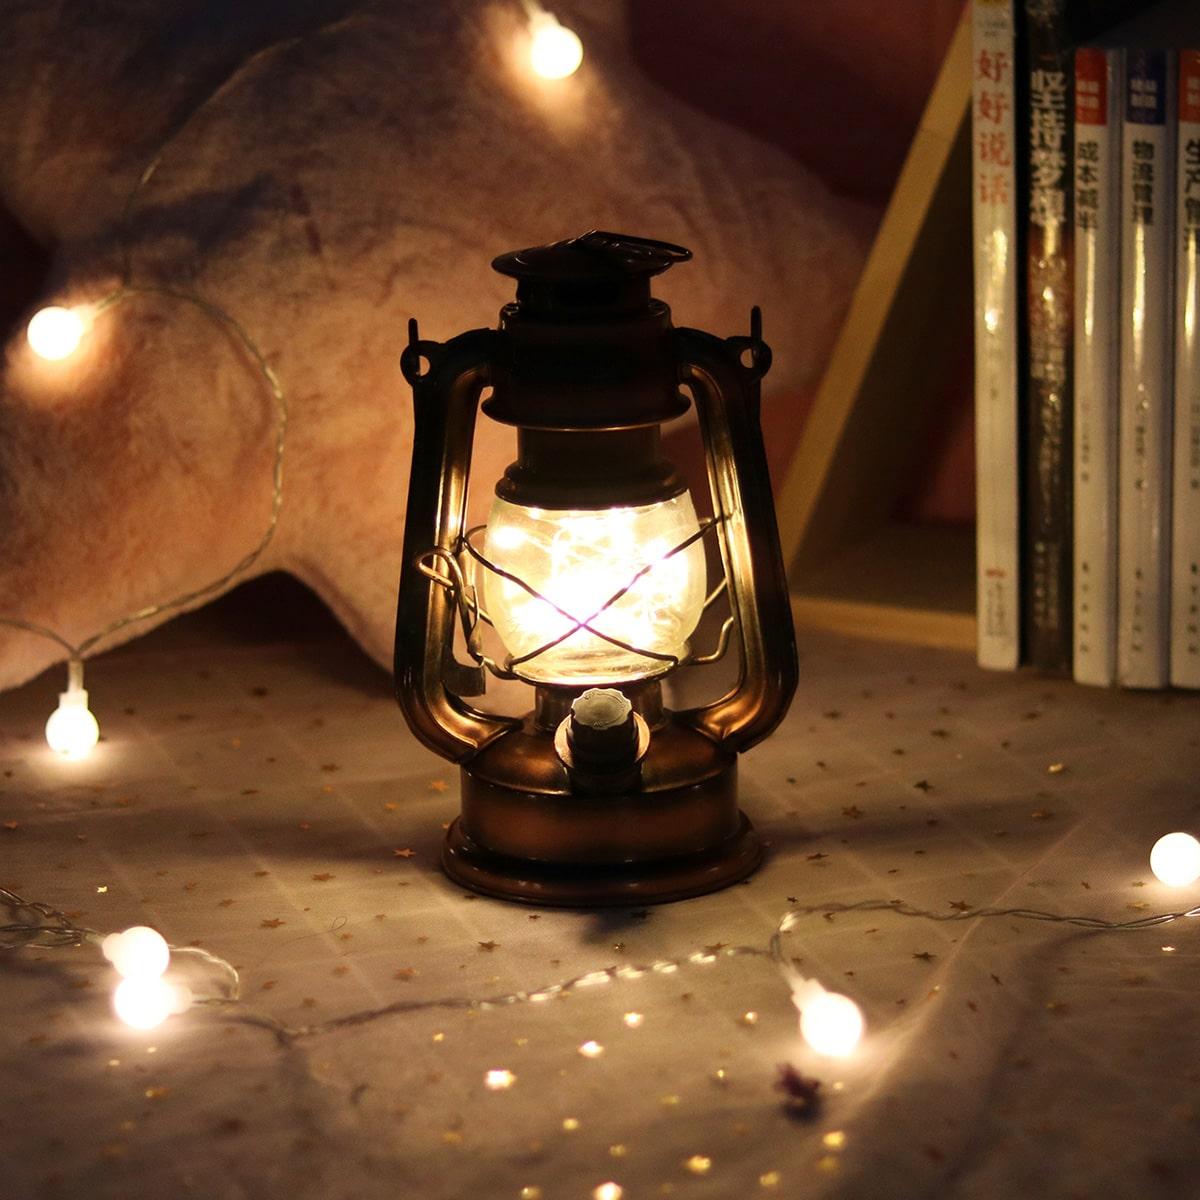 Draagbaar ijzeren nachtlampje